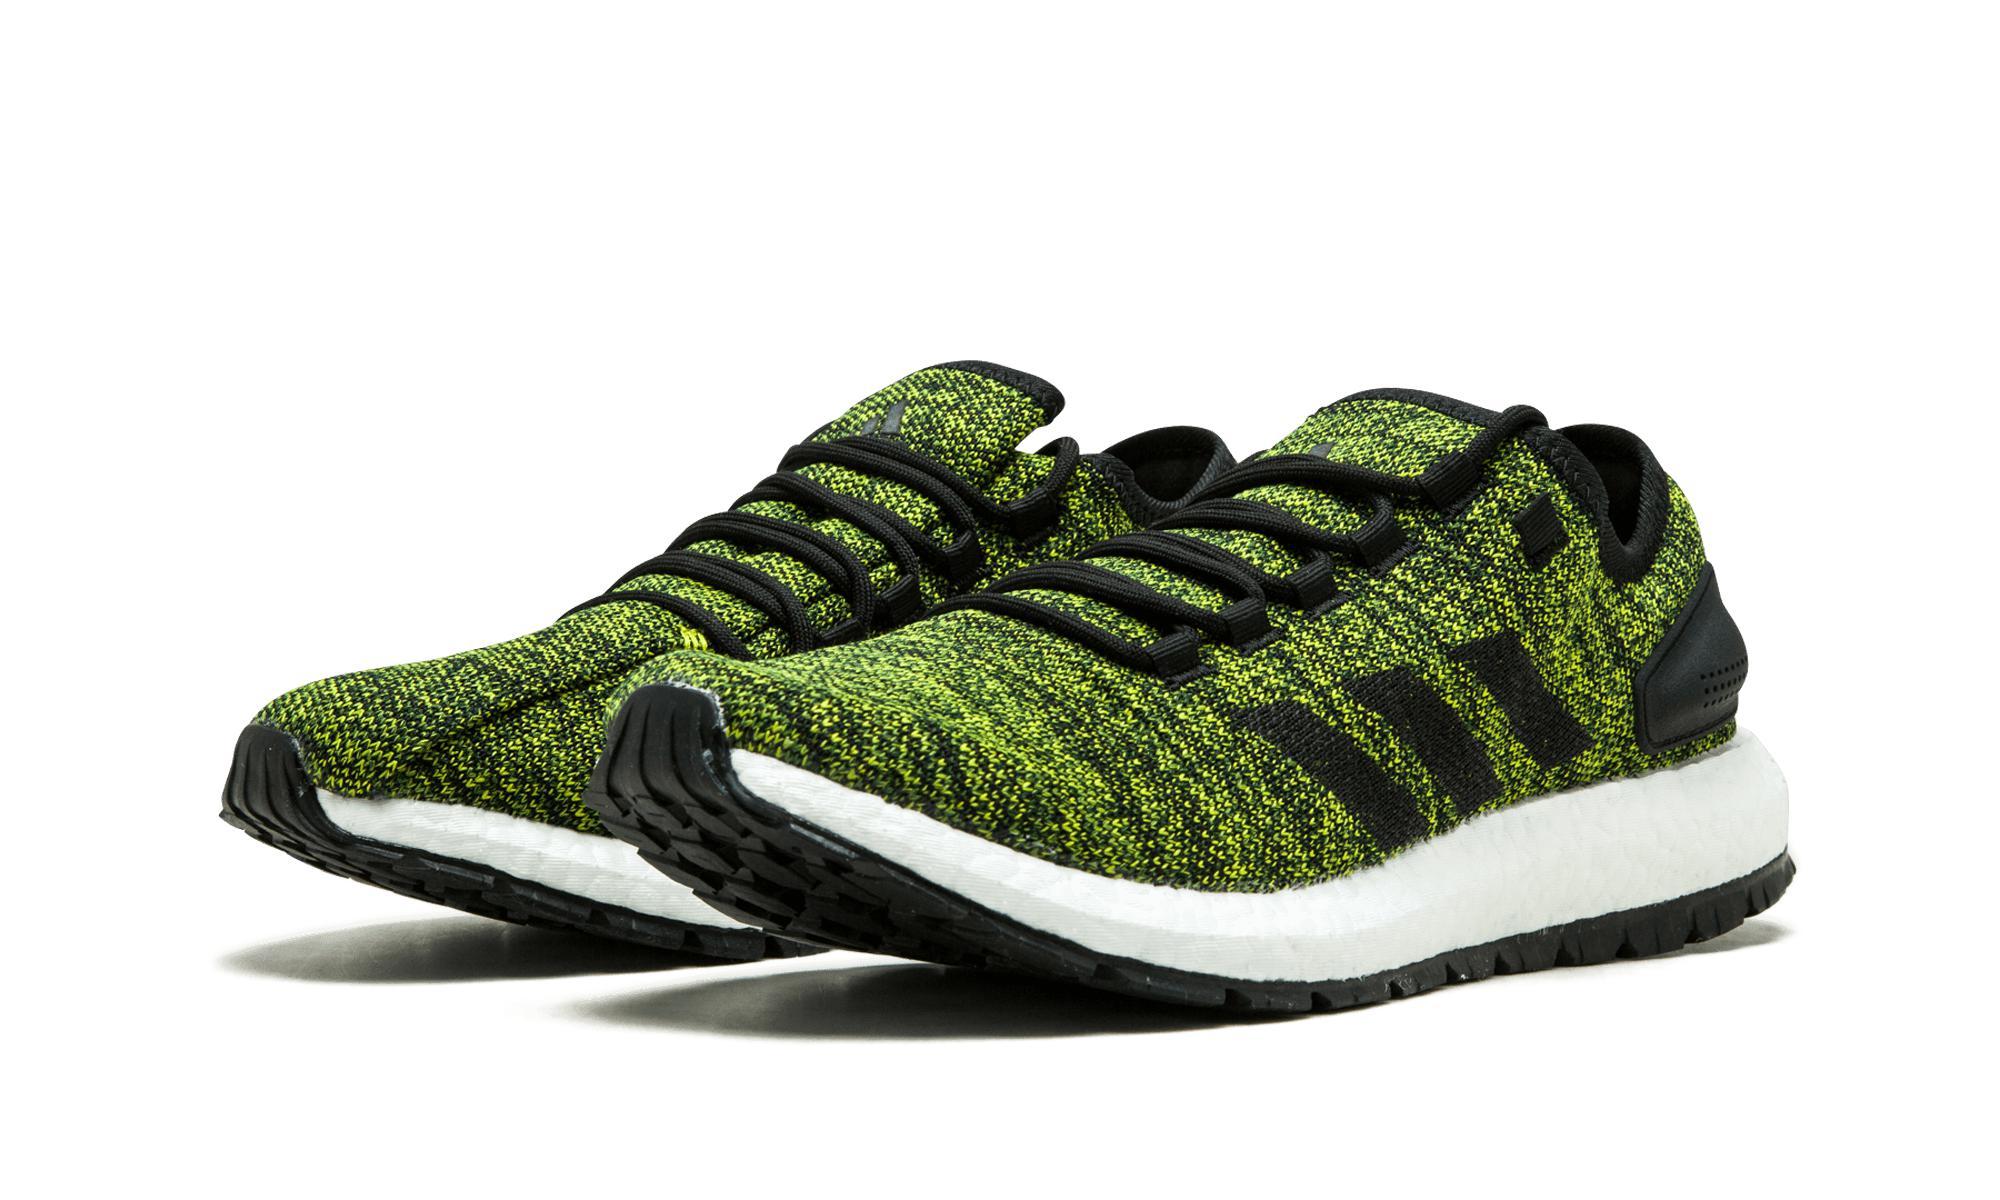 1f0b9d80ad6 Adidas - Green Pureboost All Terrain - Lyst. View fullscreen